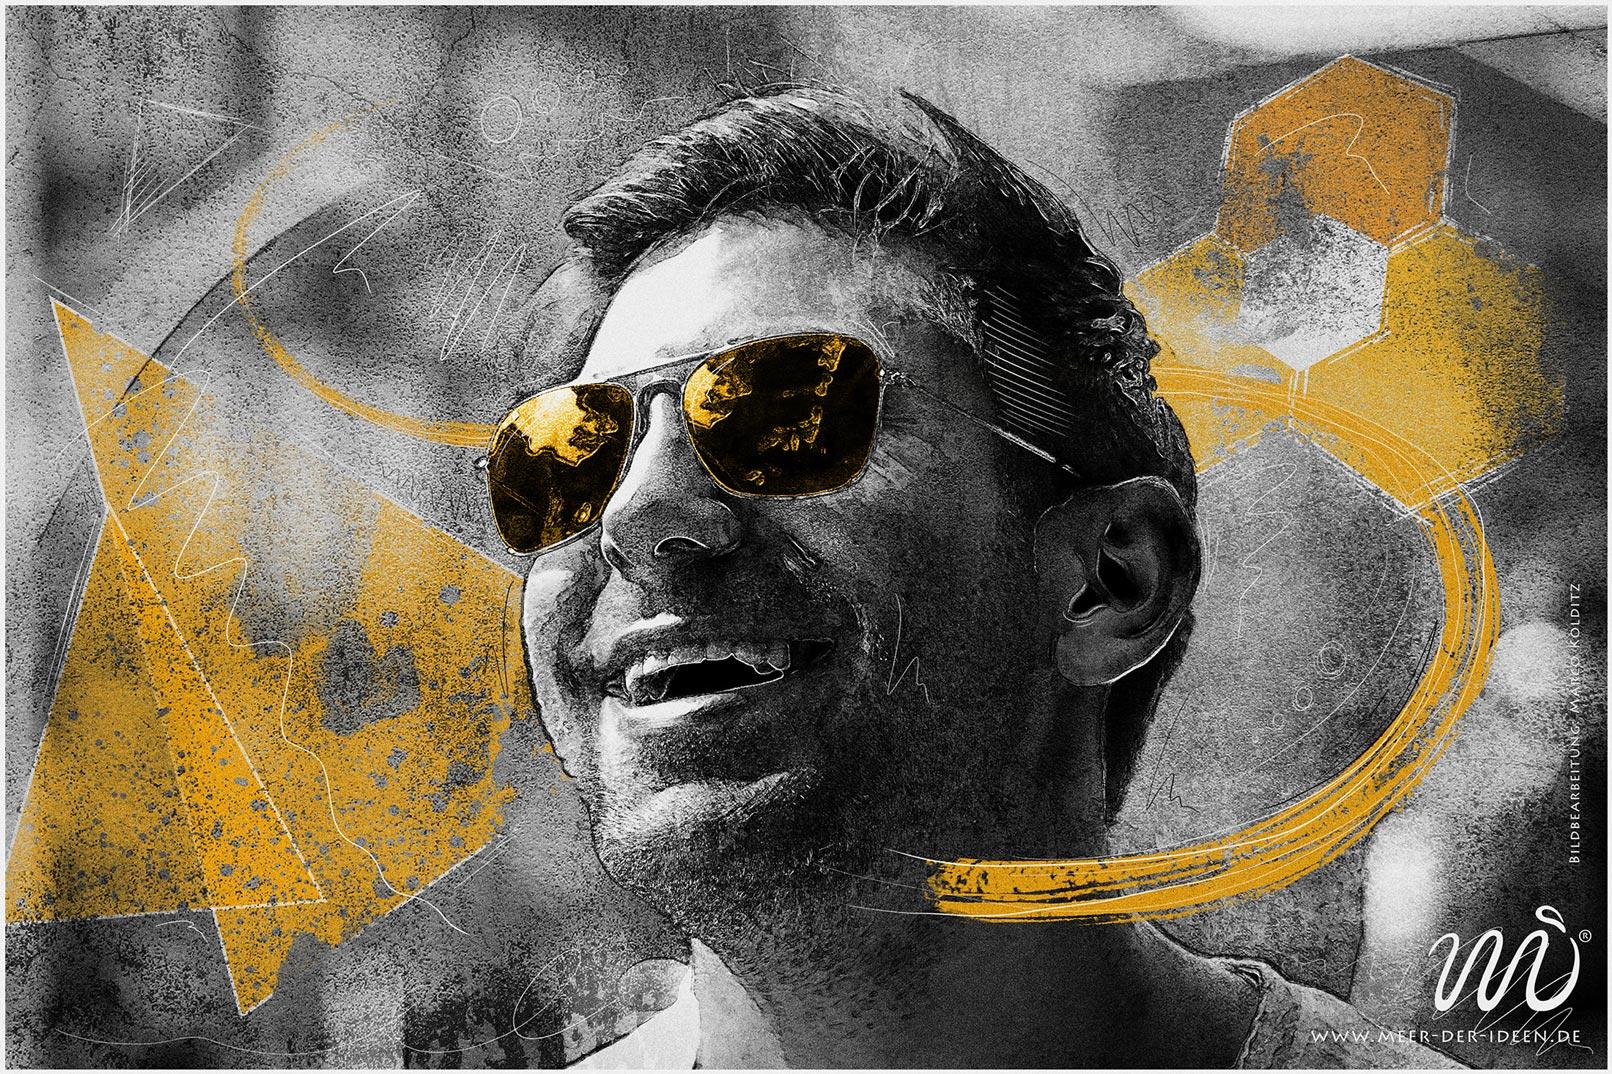 Porträt eines Mannes mit zeichnerischem Look und Scribble-Elementen, bearbeitet in Photoshop, Bild zum Video-Training Porträt-Bearbeitung